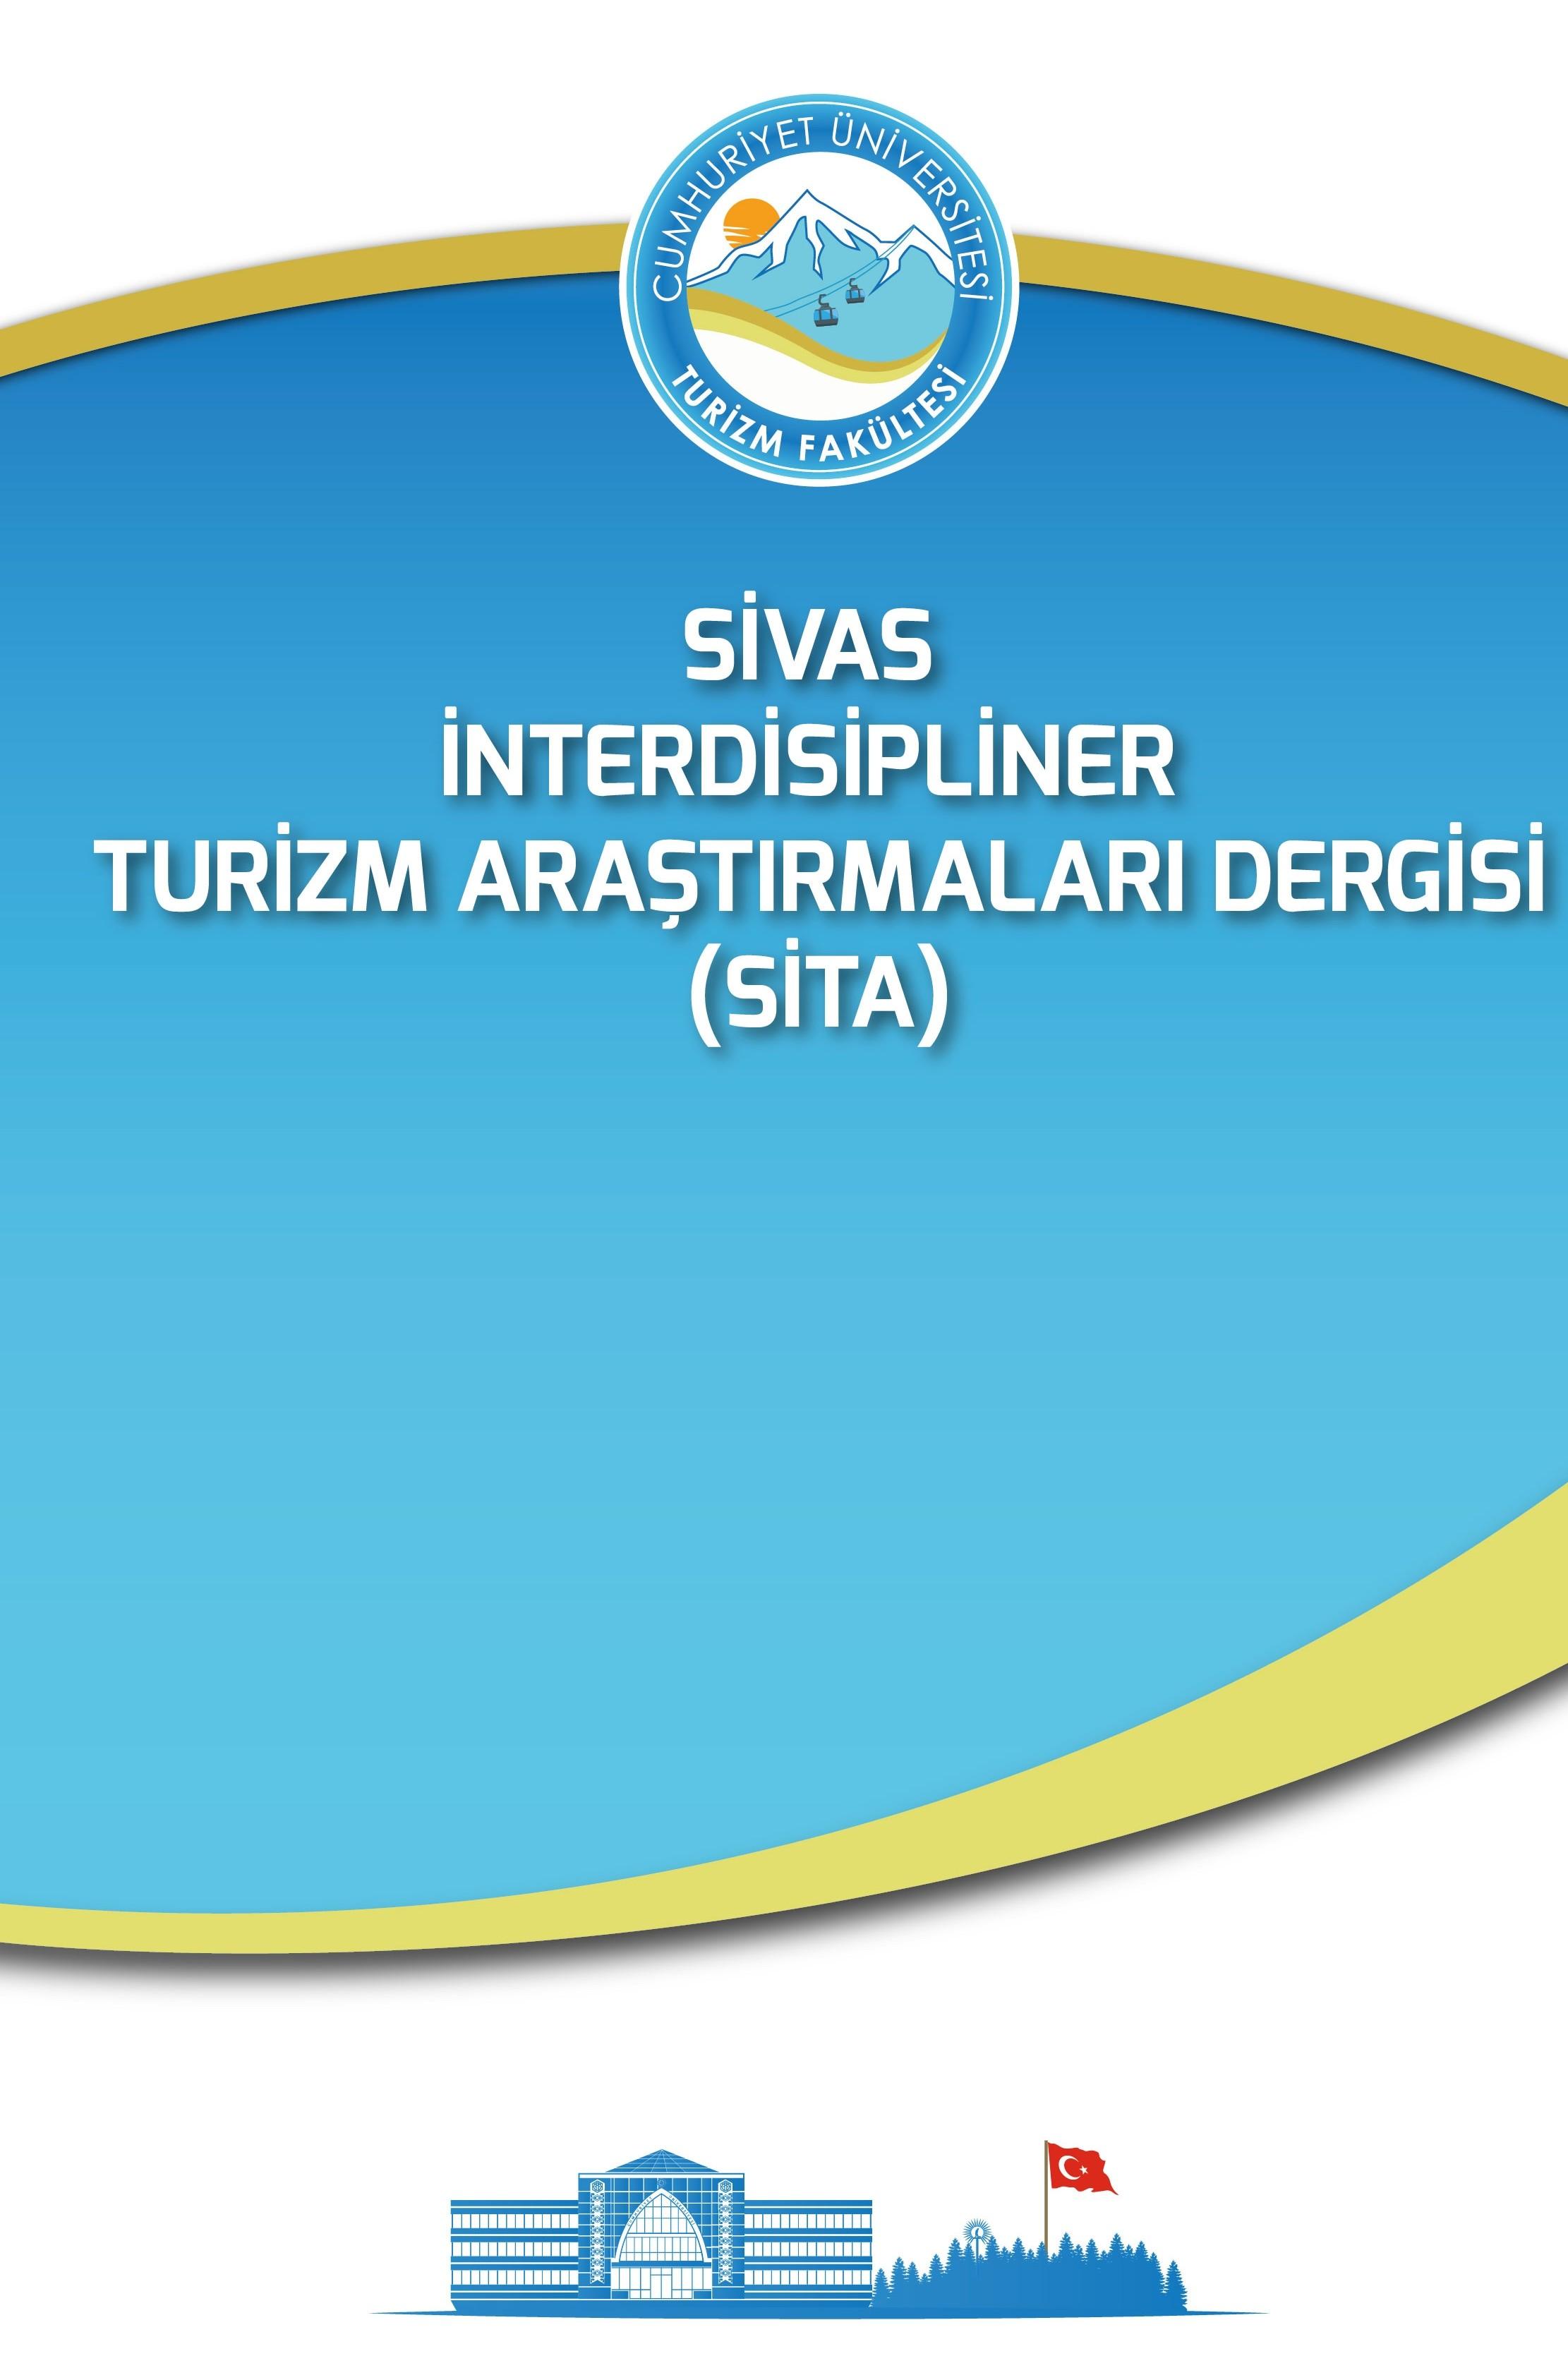 Sivas Interdisiplinler Turizm Araştırmaları Dergisi